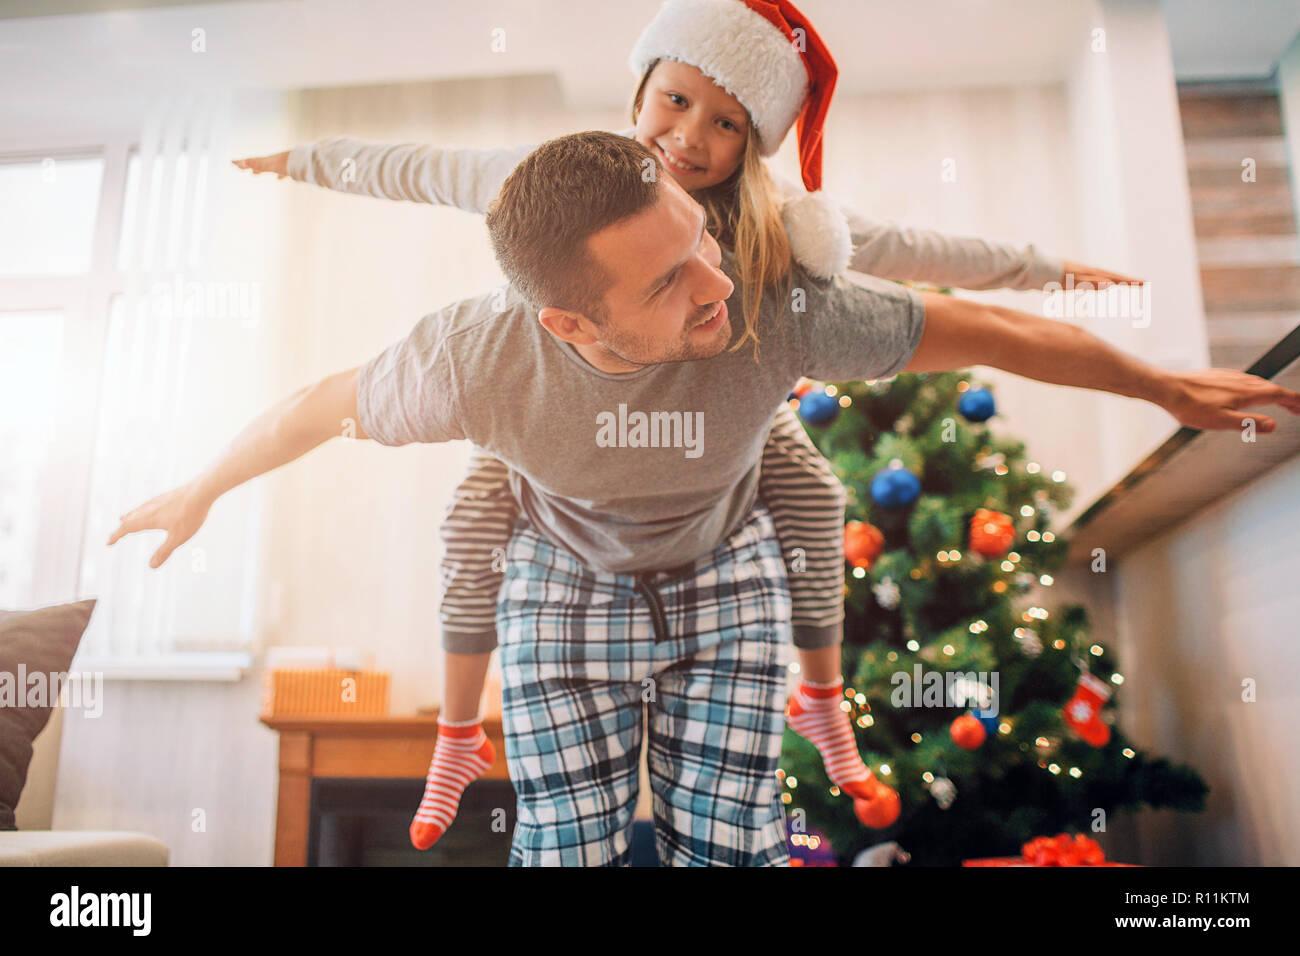 Padre e hija jugando en la habitación. Él monta sobre su espalda. Que mantiene las manos a un lado del cuerpo. Joven mira a la niña. Sonríen. La gente positiv Imagen De Stock